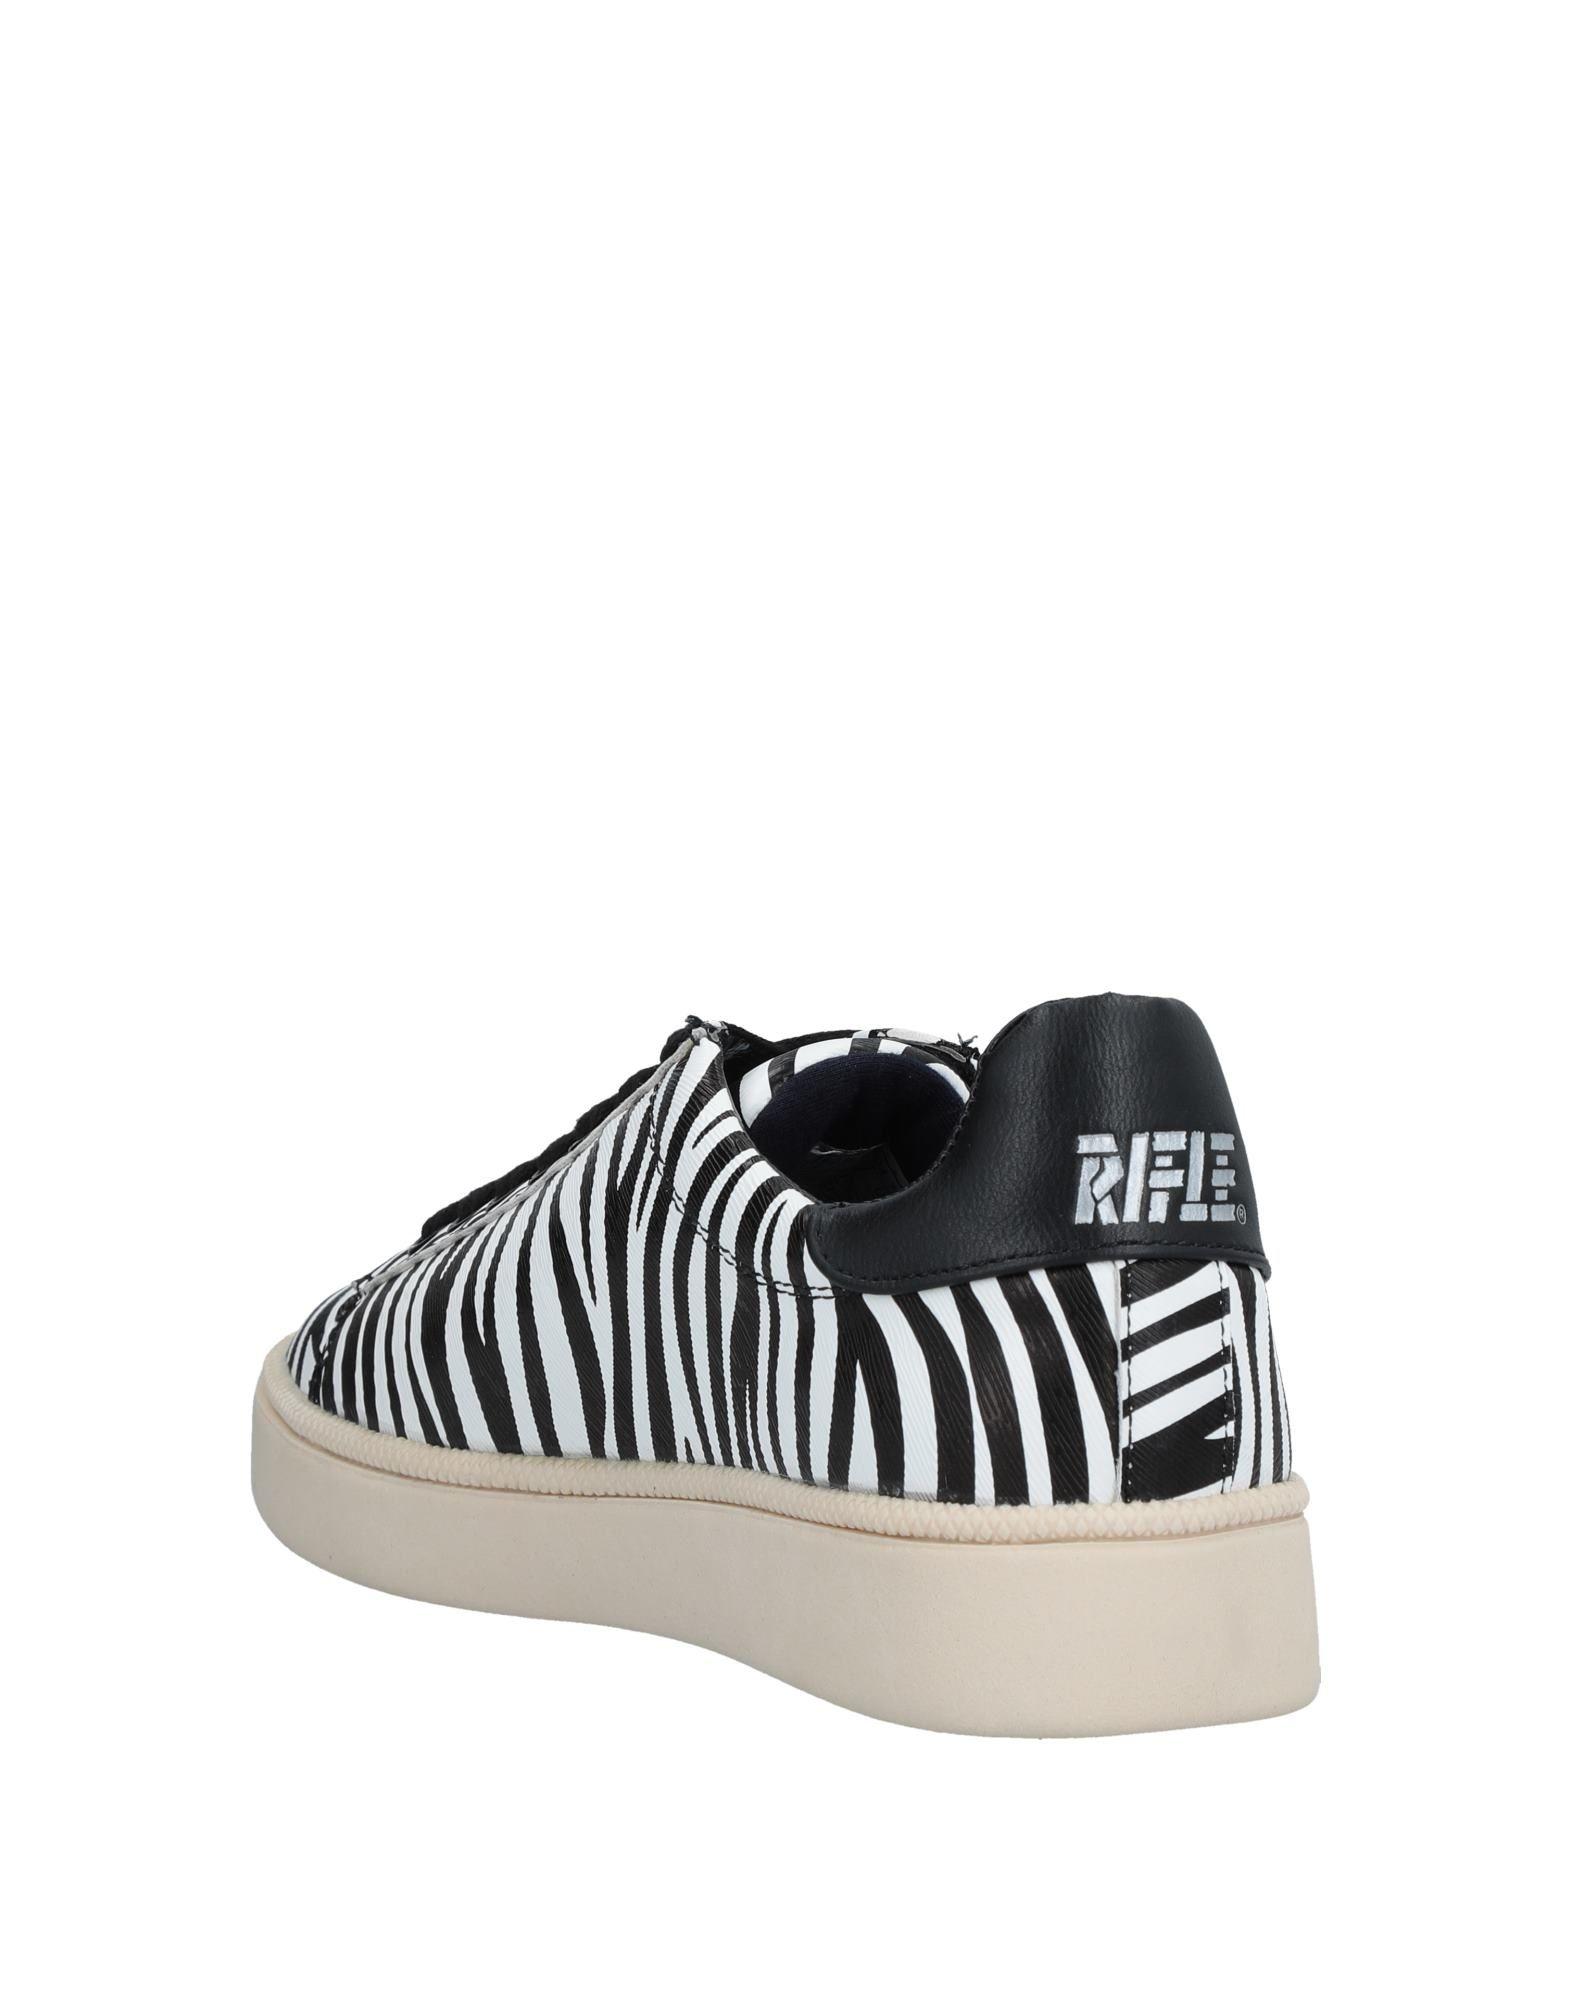 Rifle Sneakers Damen beliebte  11538475GE Gute Qualität beliebte Damen Schuhe 28e5a0